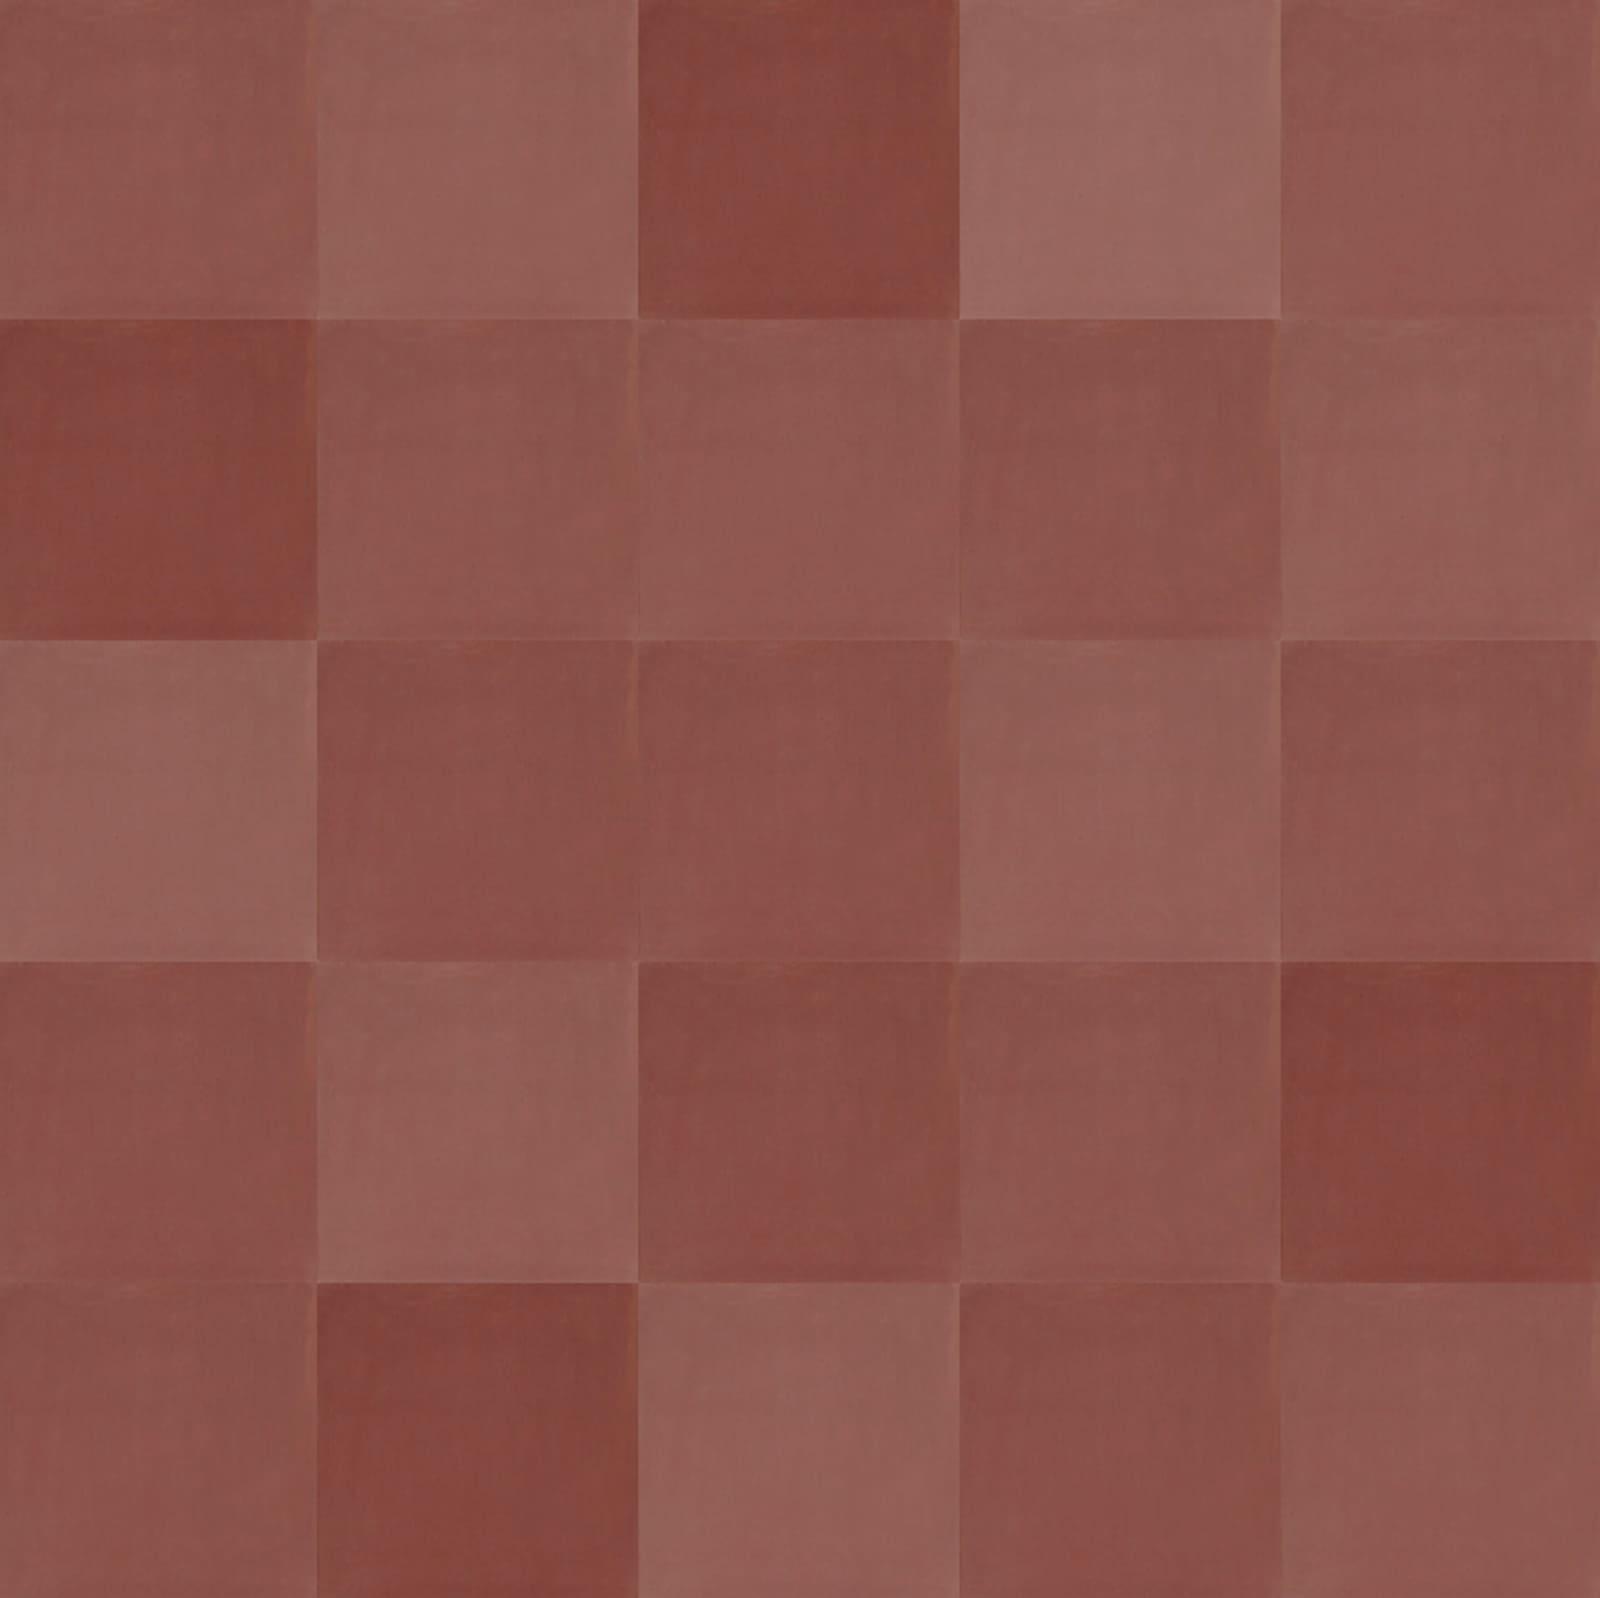 zementfliesen-terrazzofliesen-kreidefarbe-terrazzo-fugenlos-viaplatten-33-verlegemuster | 33/150